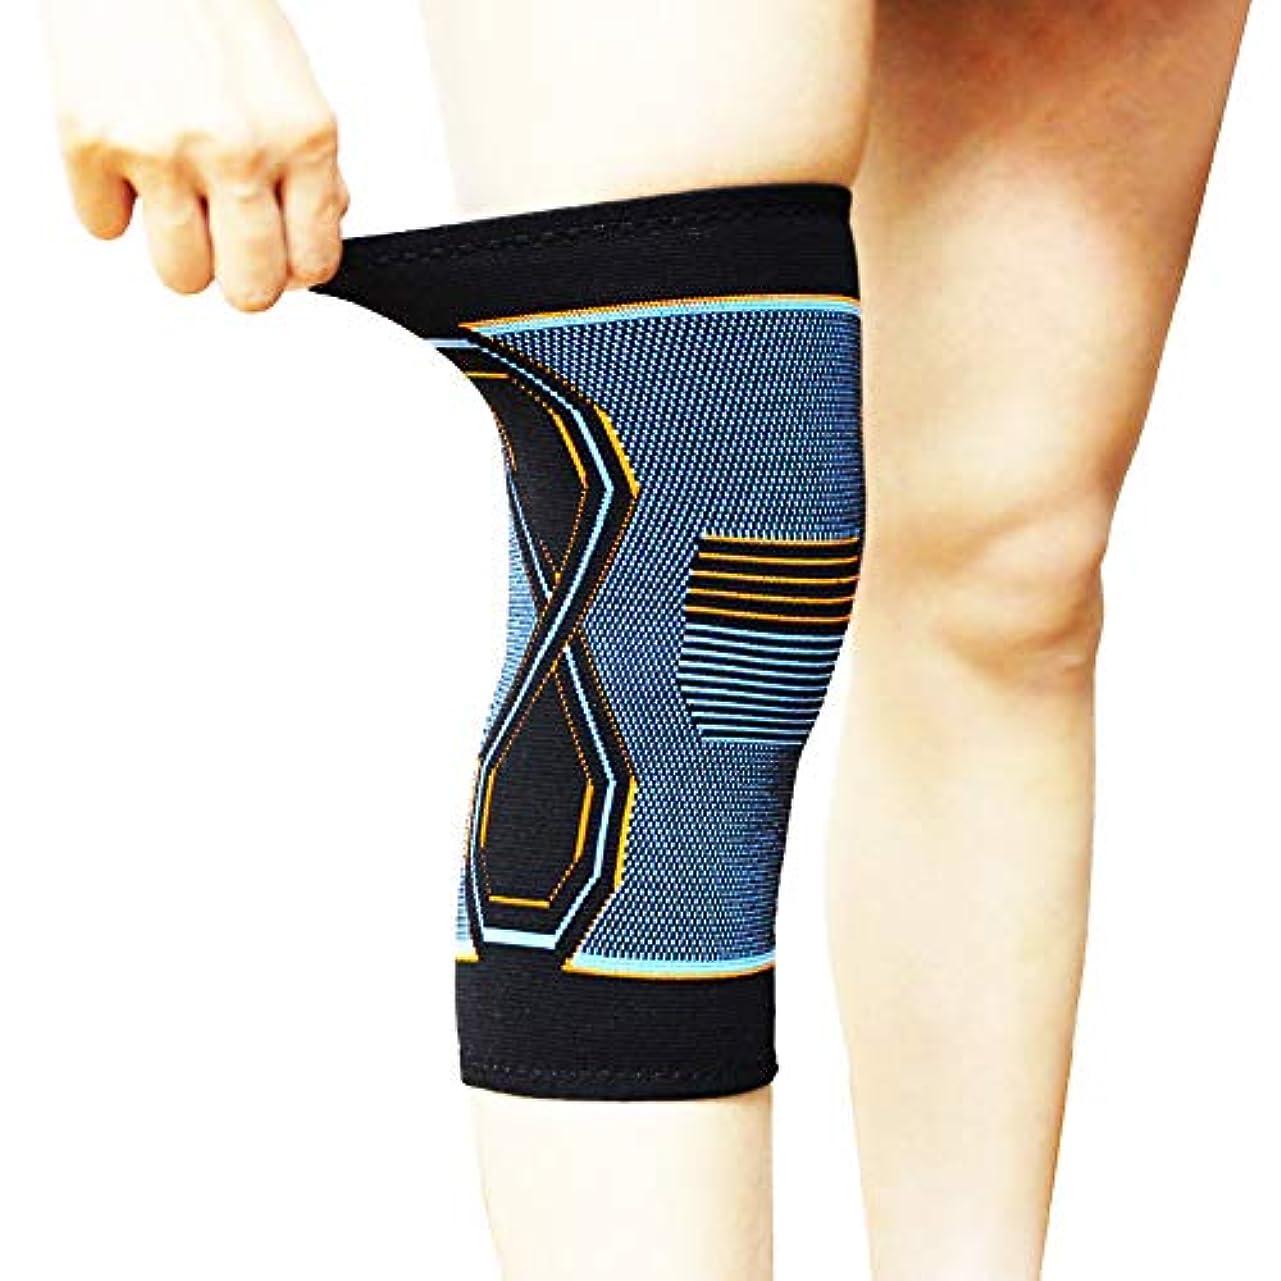 ドック自伝ピル高度な圧縮膝スリーブ - 膝サポート脛骨スタビライザー半月板裂傷 - 関節炎の痛み - ランニングに最適 - スポーツ - 女性に最適 - 男性 - 子供